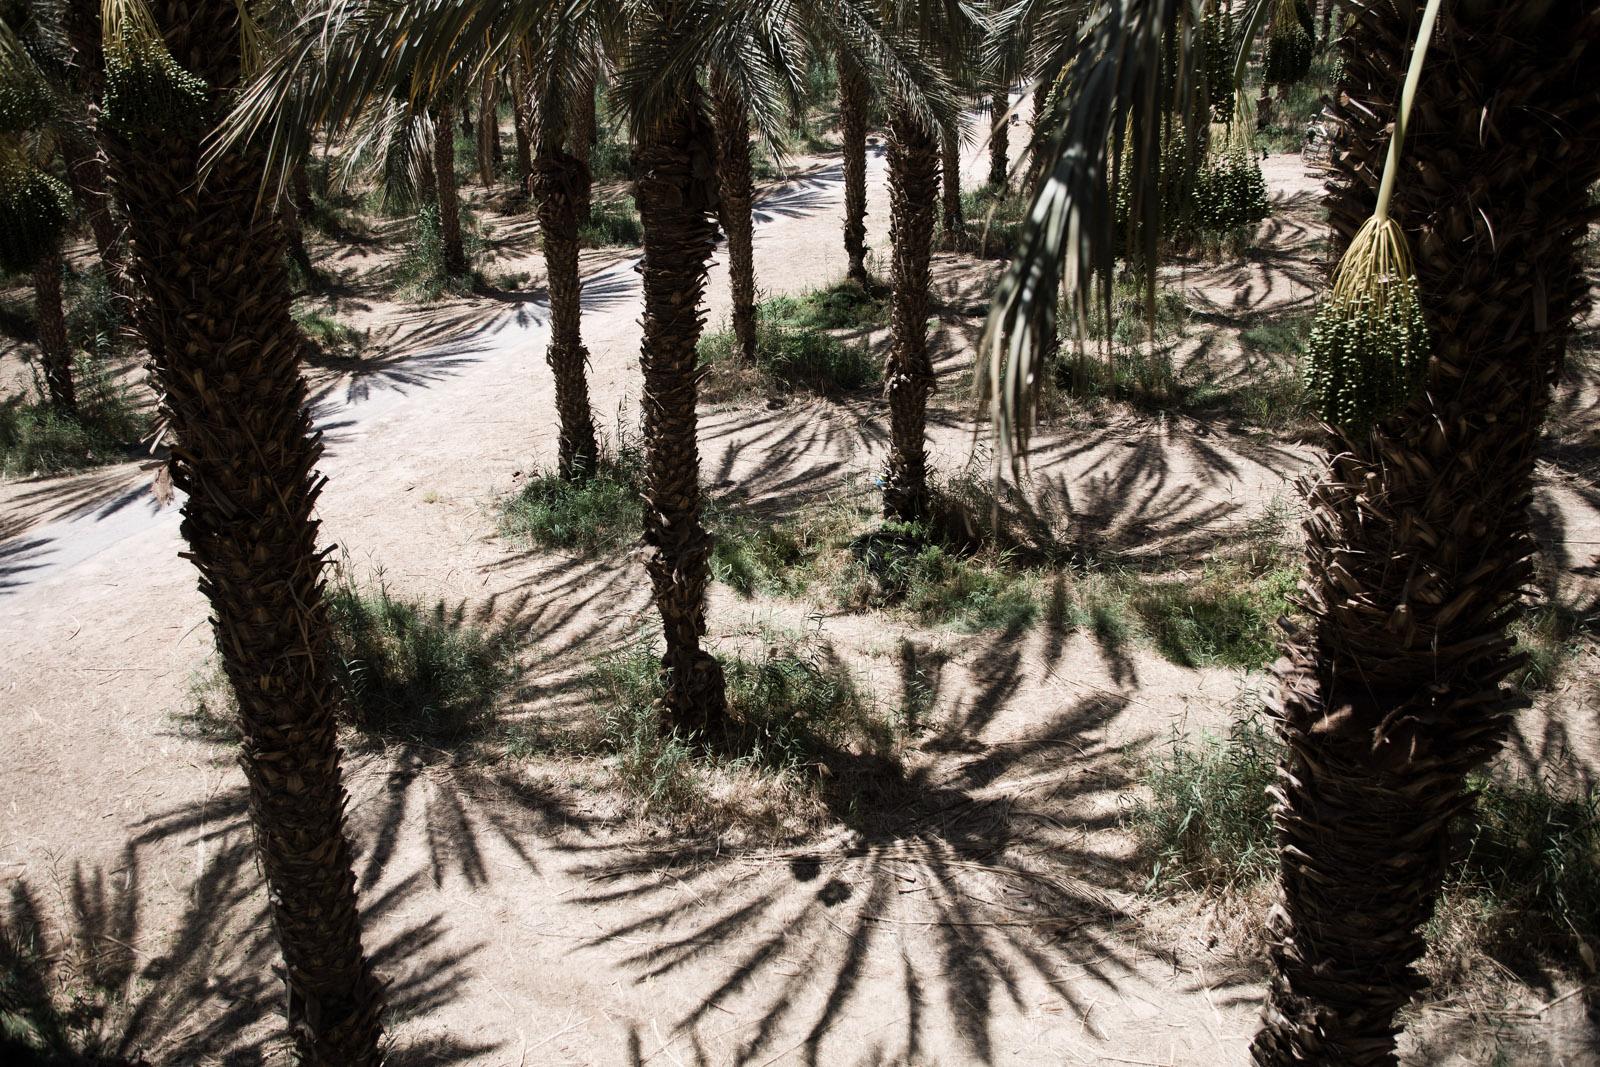 Dans la plantation de palmiers-dattiers.